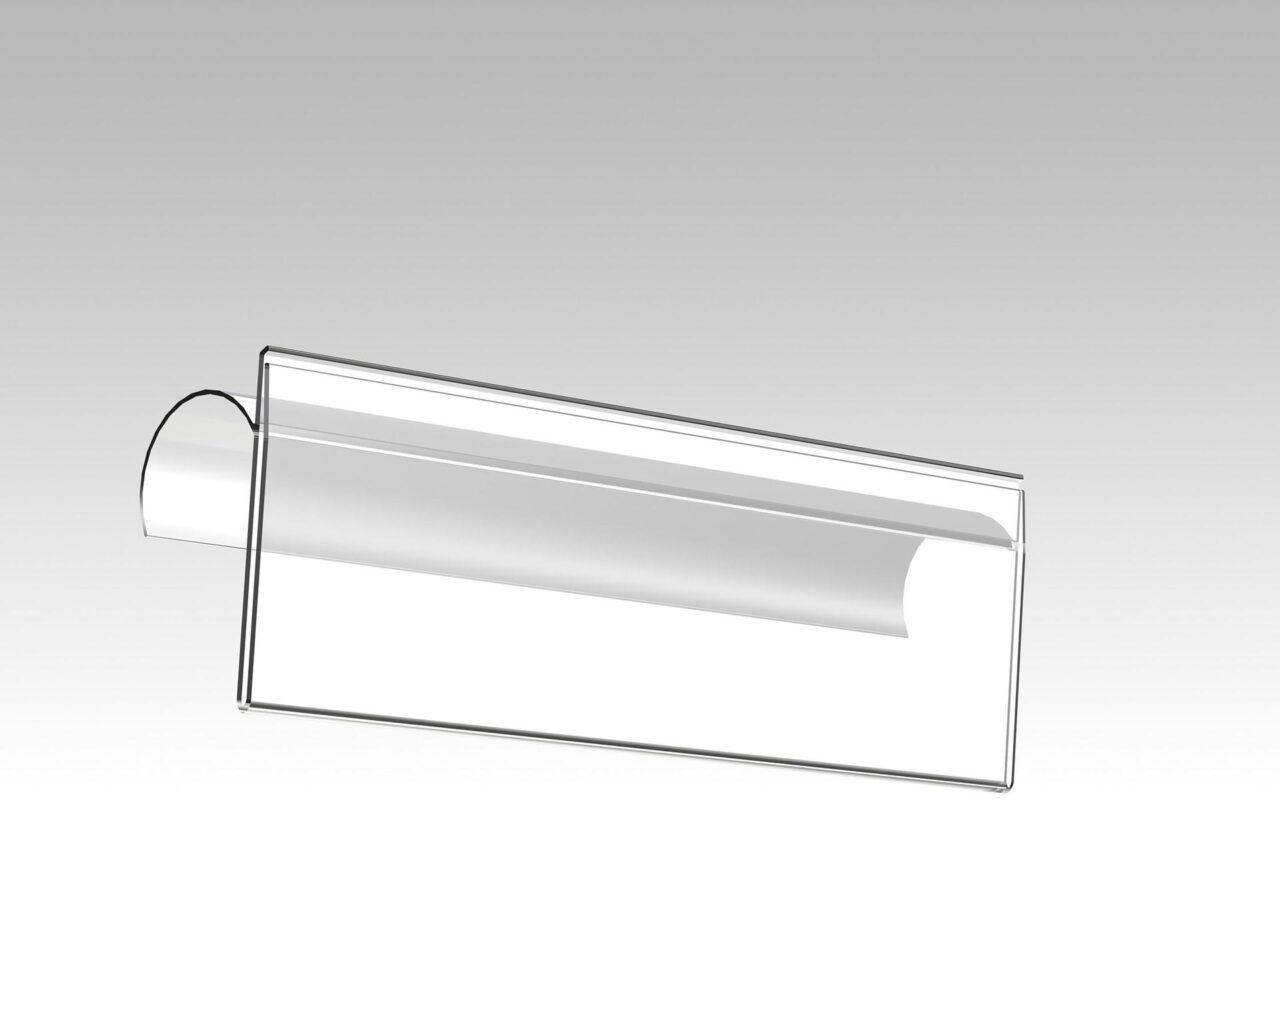 PEK3 Easytube Plastic Accessories NP-150